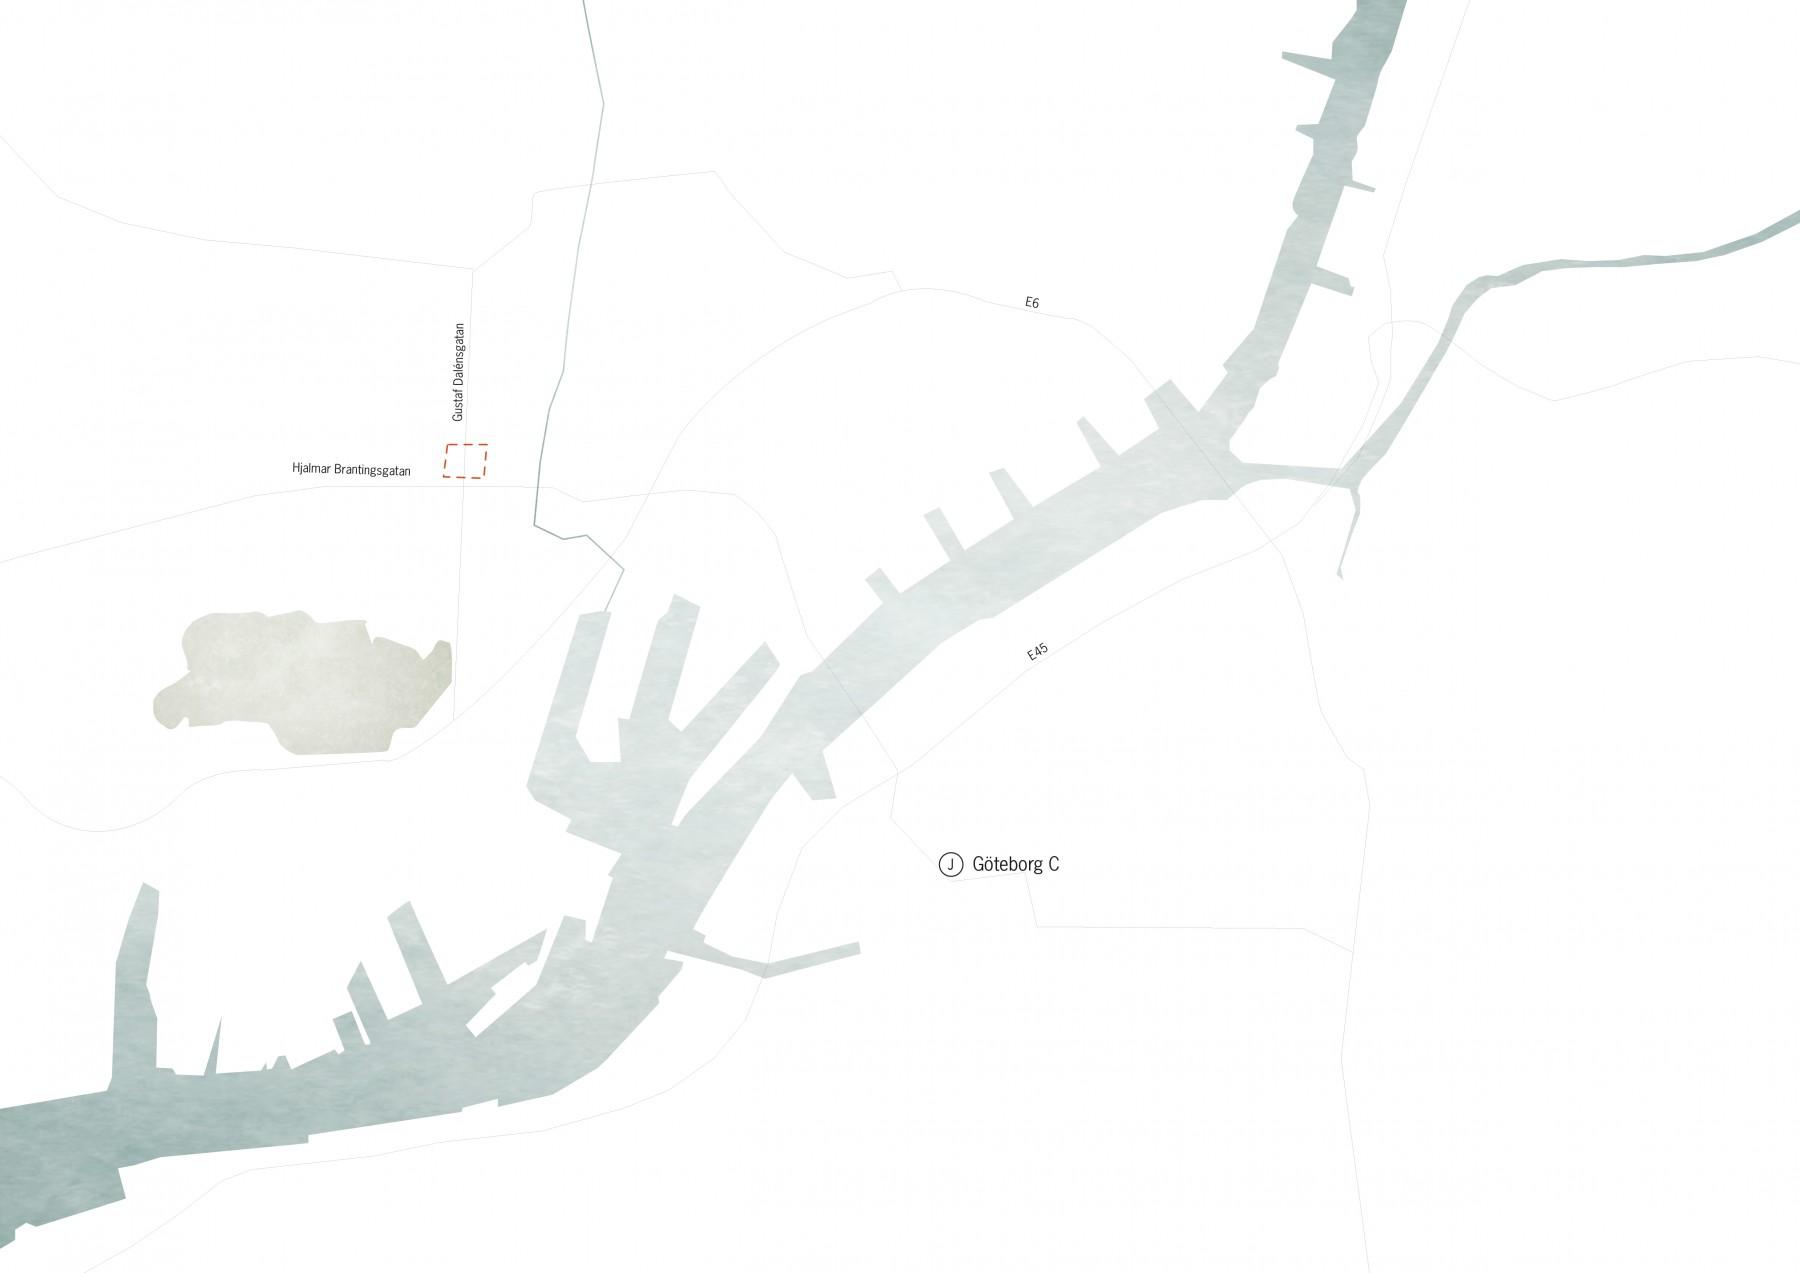 Kvillebacken_LAND_2011_karta